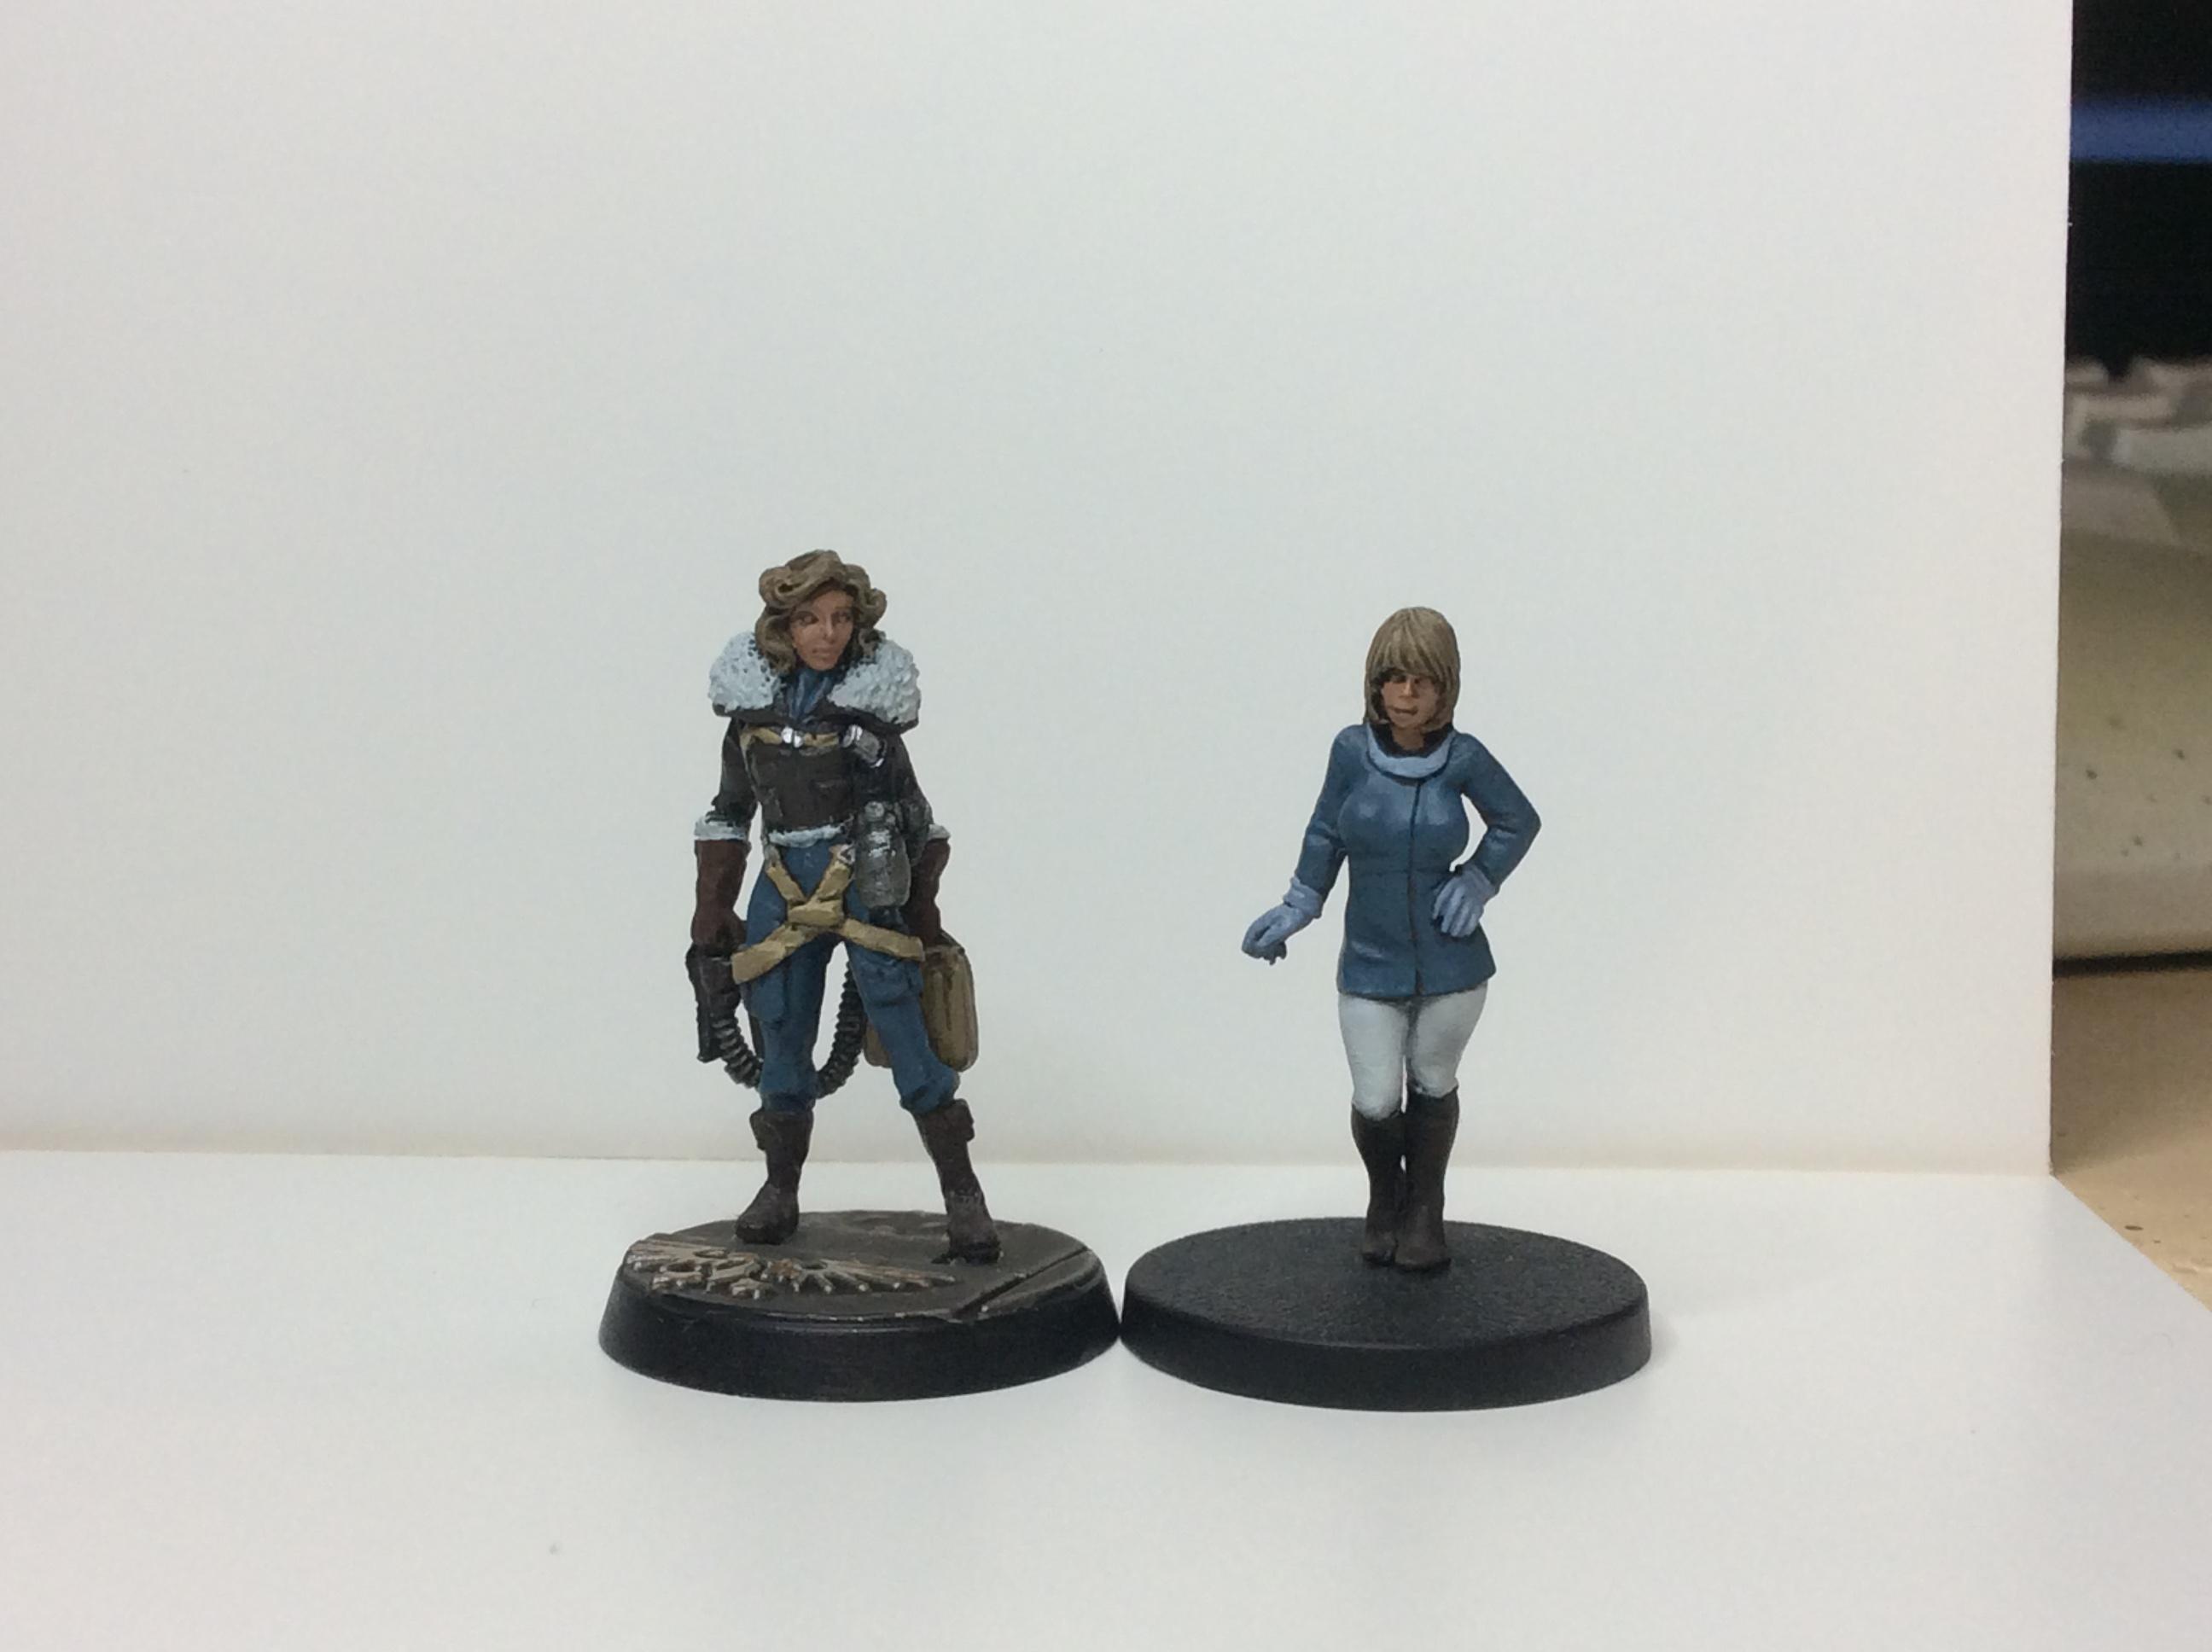 Pilot & nurse